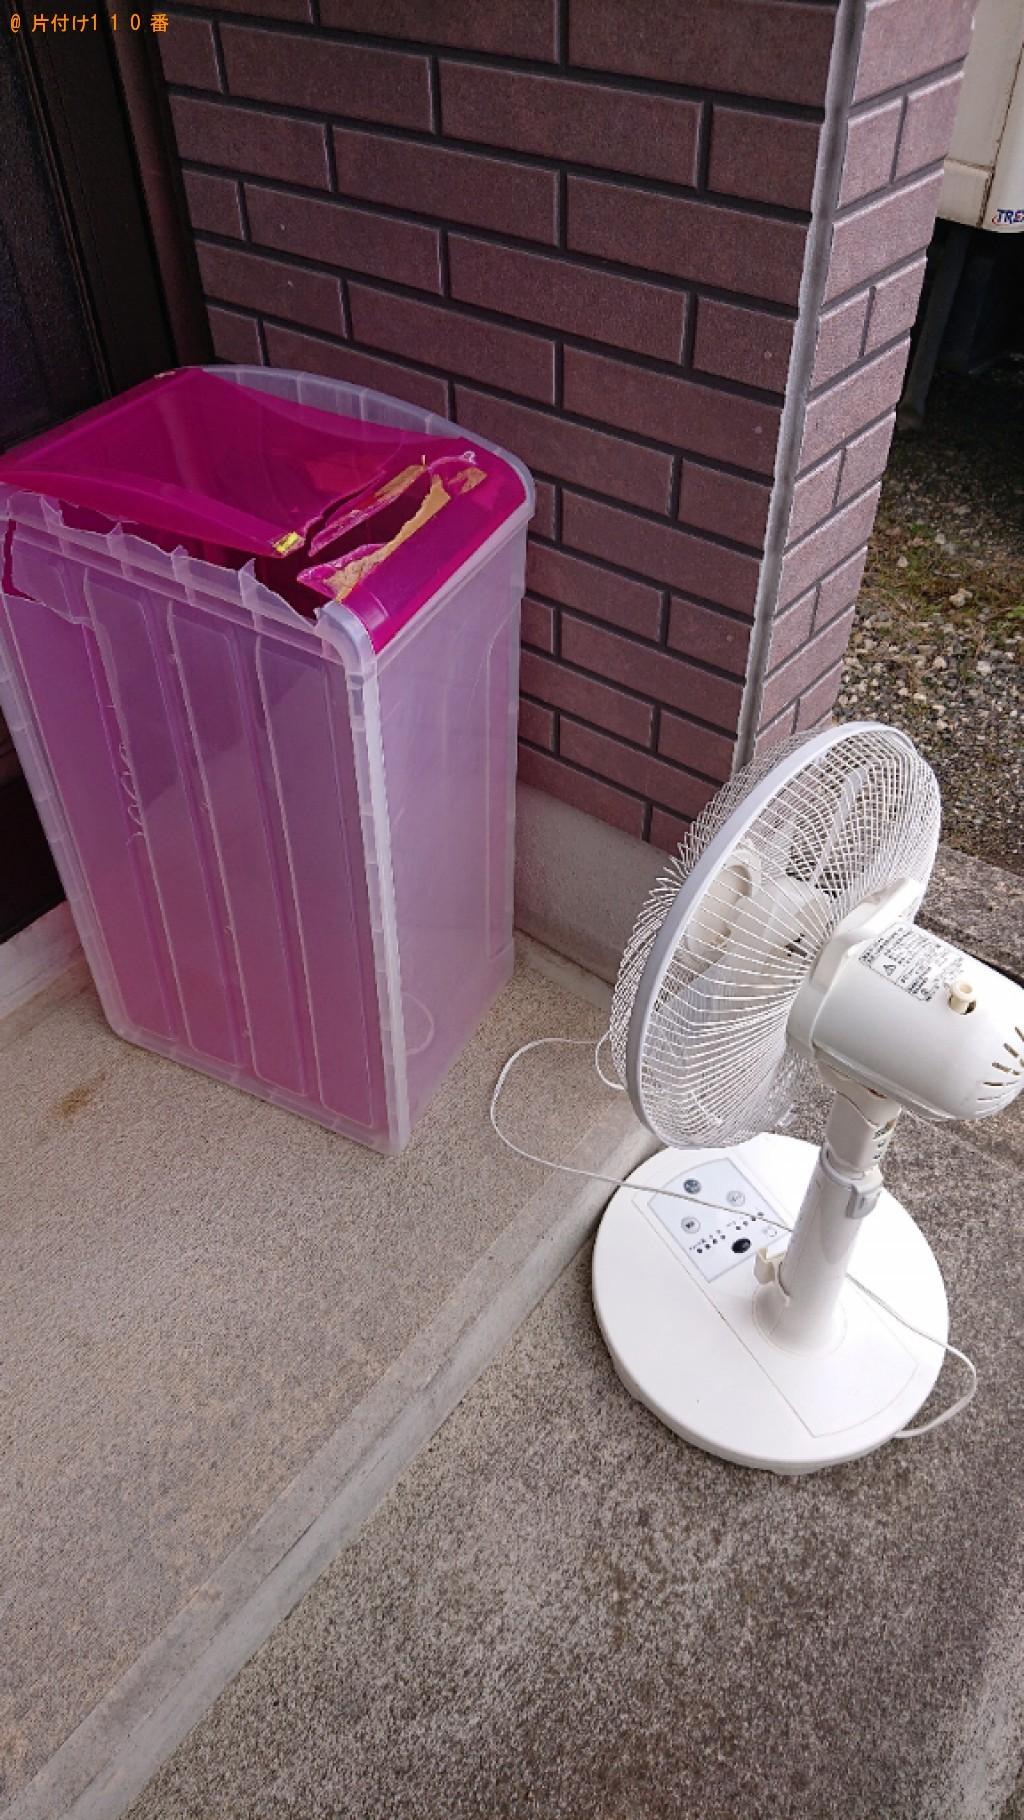 【舞鶴市】衣装ケース、パチスロ機、扇風機の回収・処分ご依頼